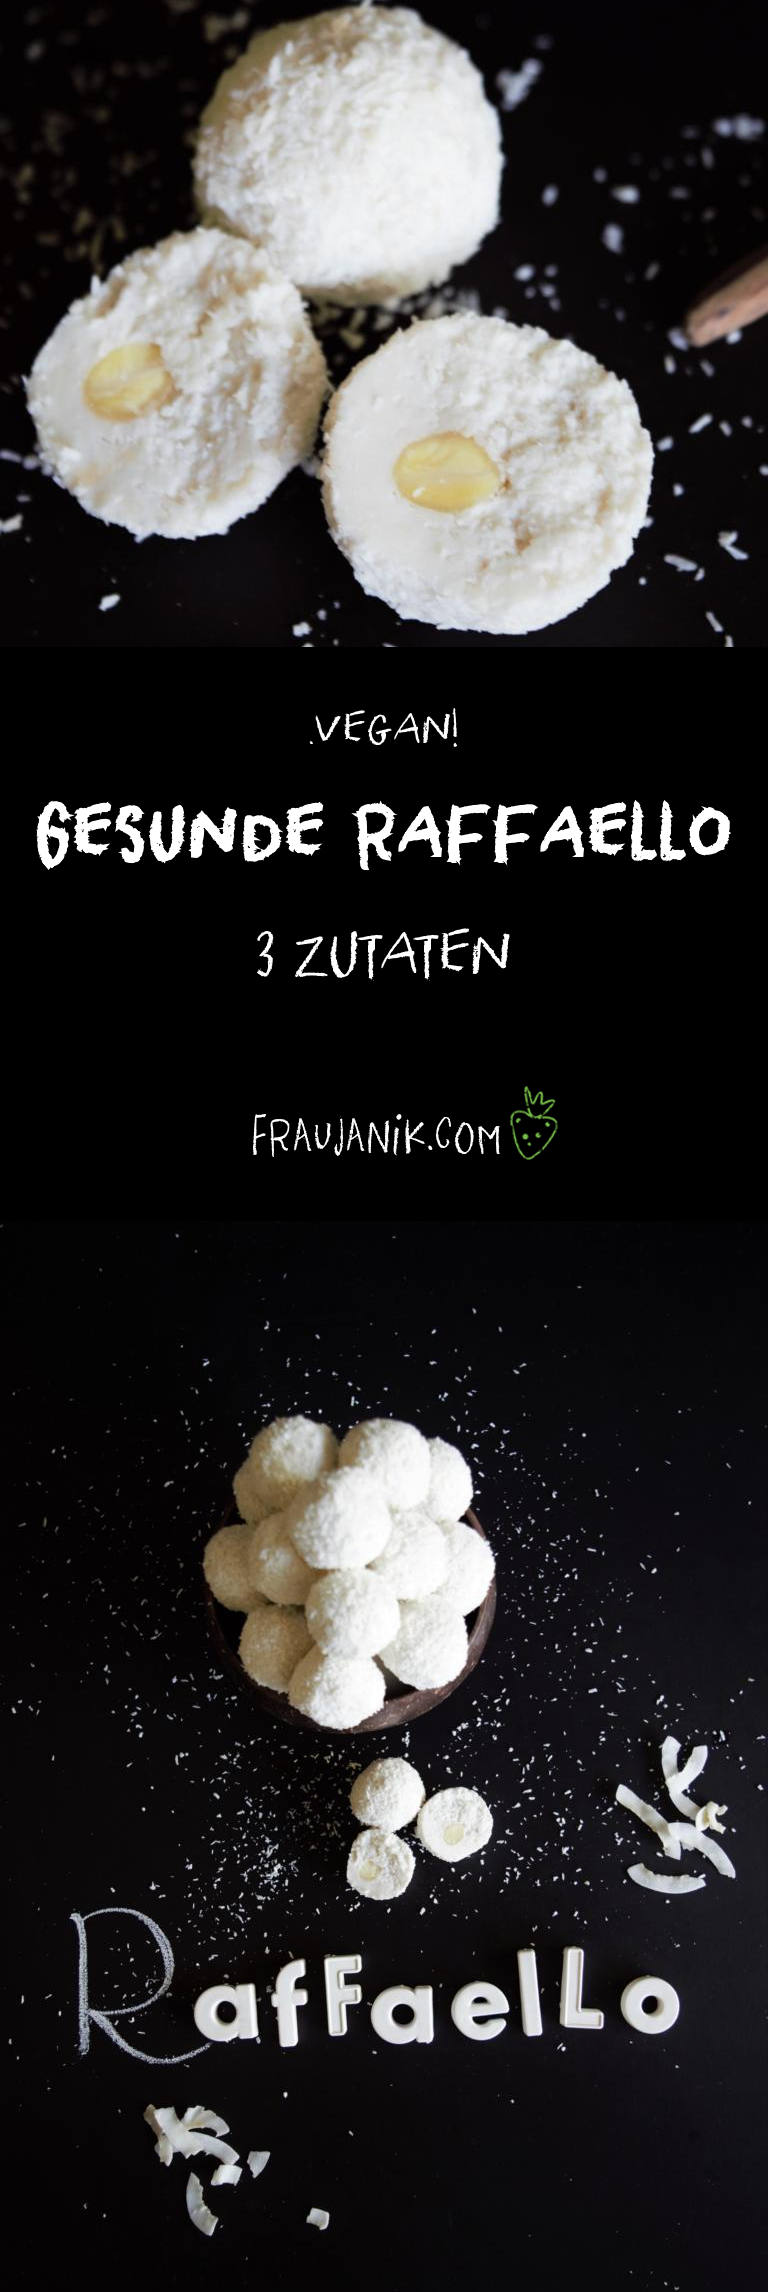 gesunde Raffaello, vegan, 3 zuaten